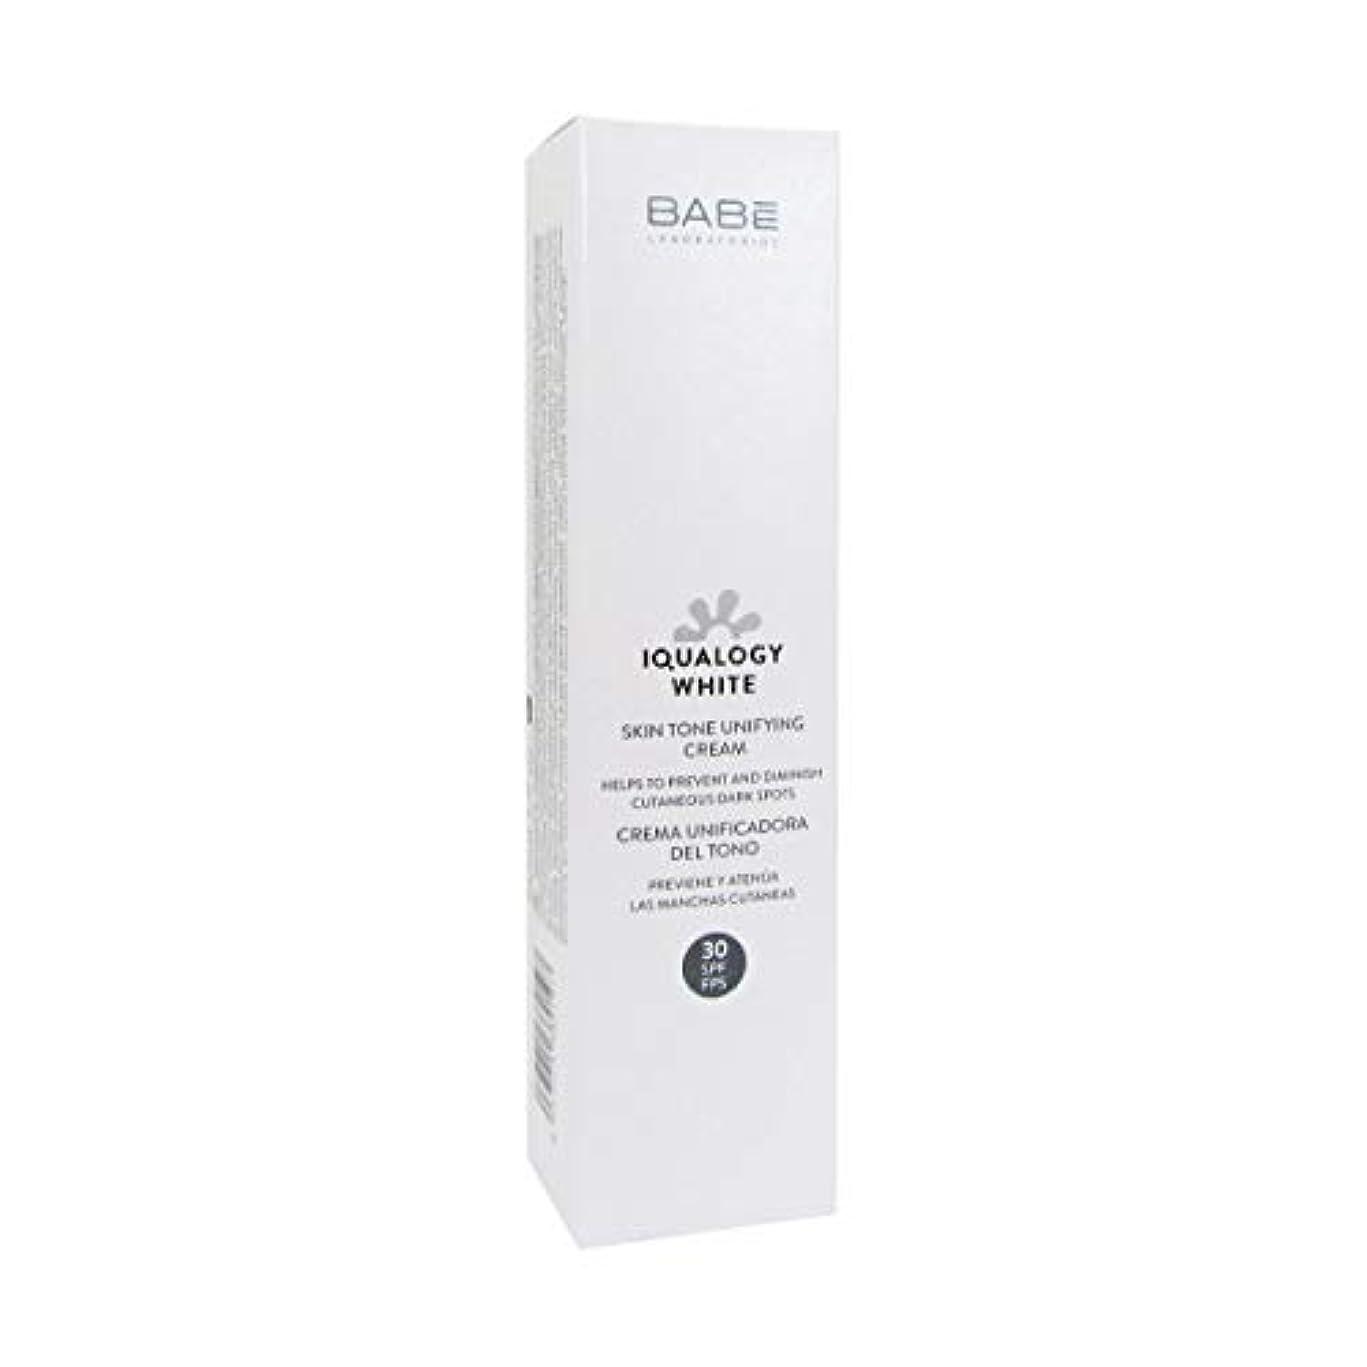 強調酸っぱいコンチネンタルBab Iqualogy White Cream Spf30 50ml [並行輸入品]